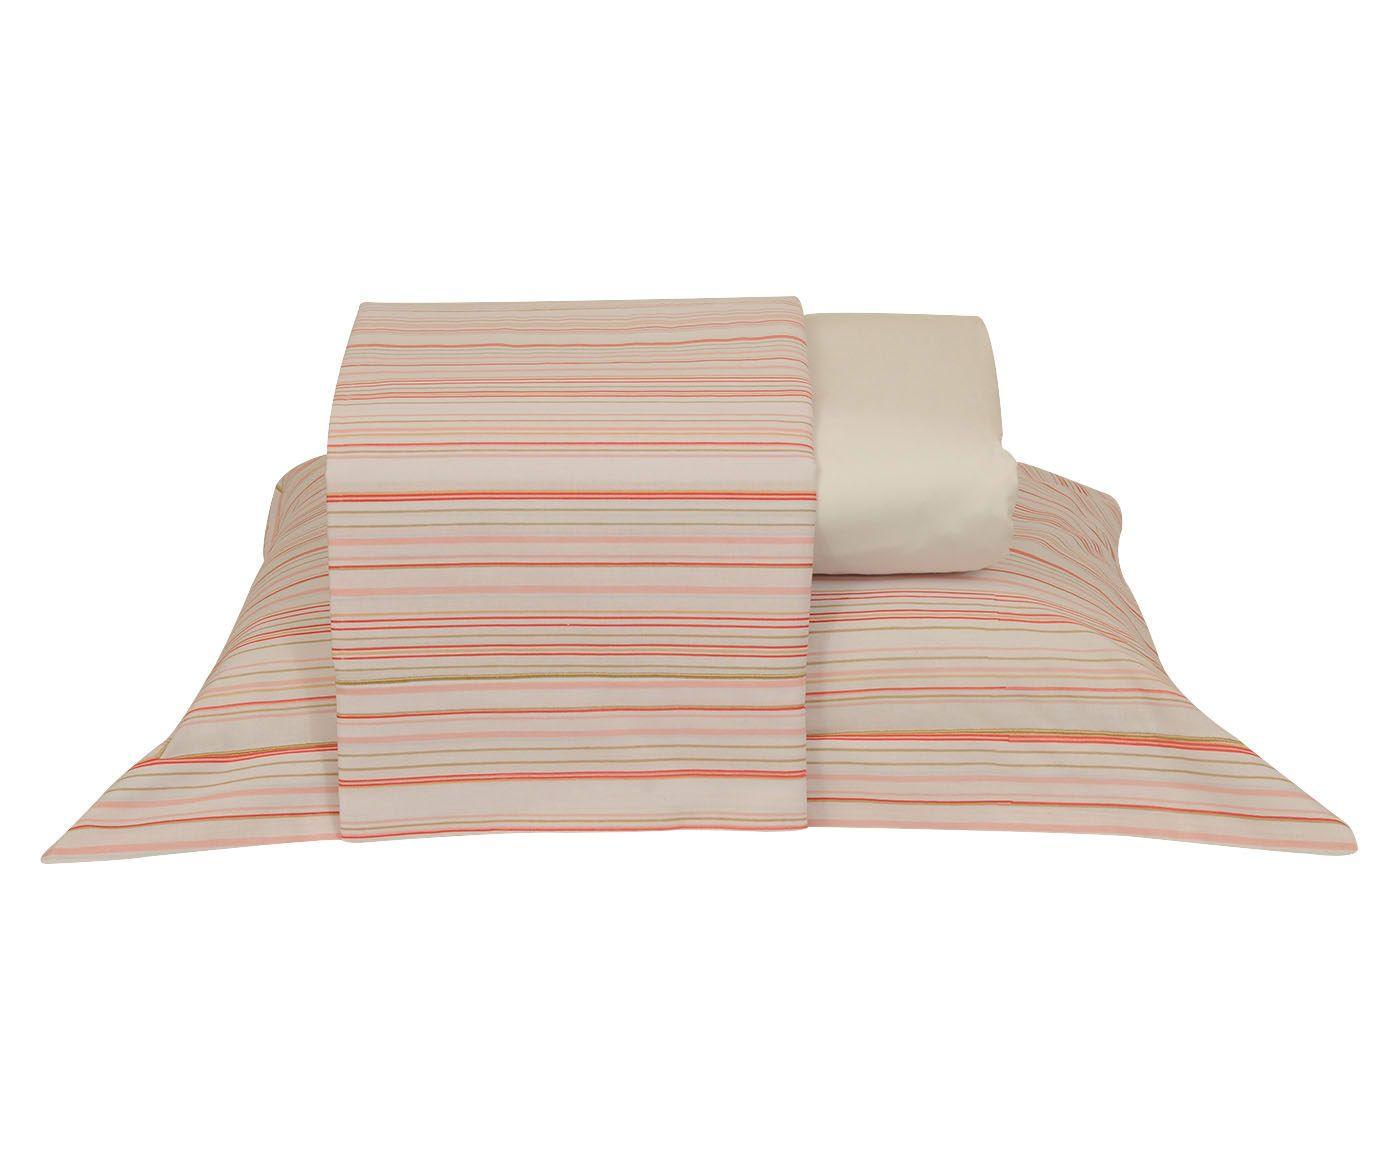 Jogo de lençol versatt stripes para cama de casal 150 fios - ritz | Westwing.com.br